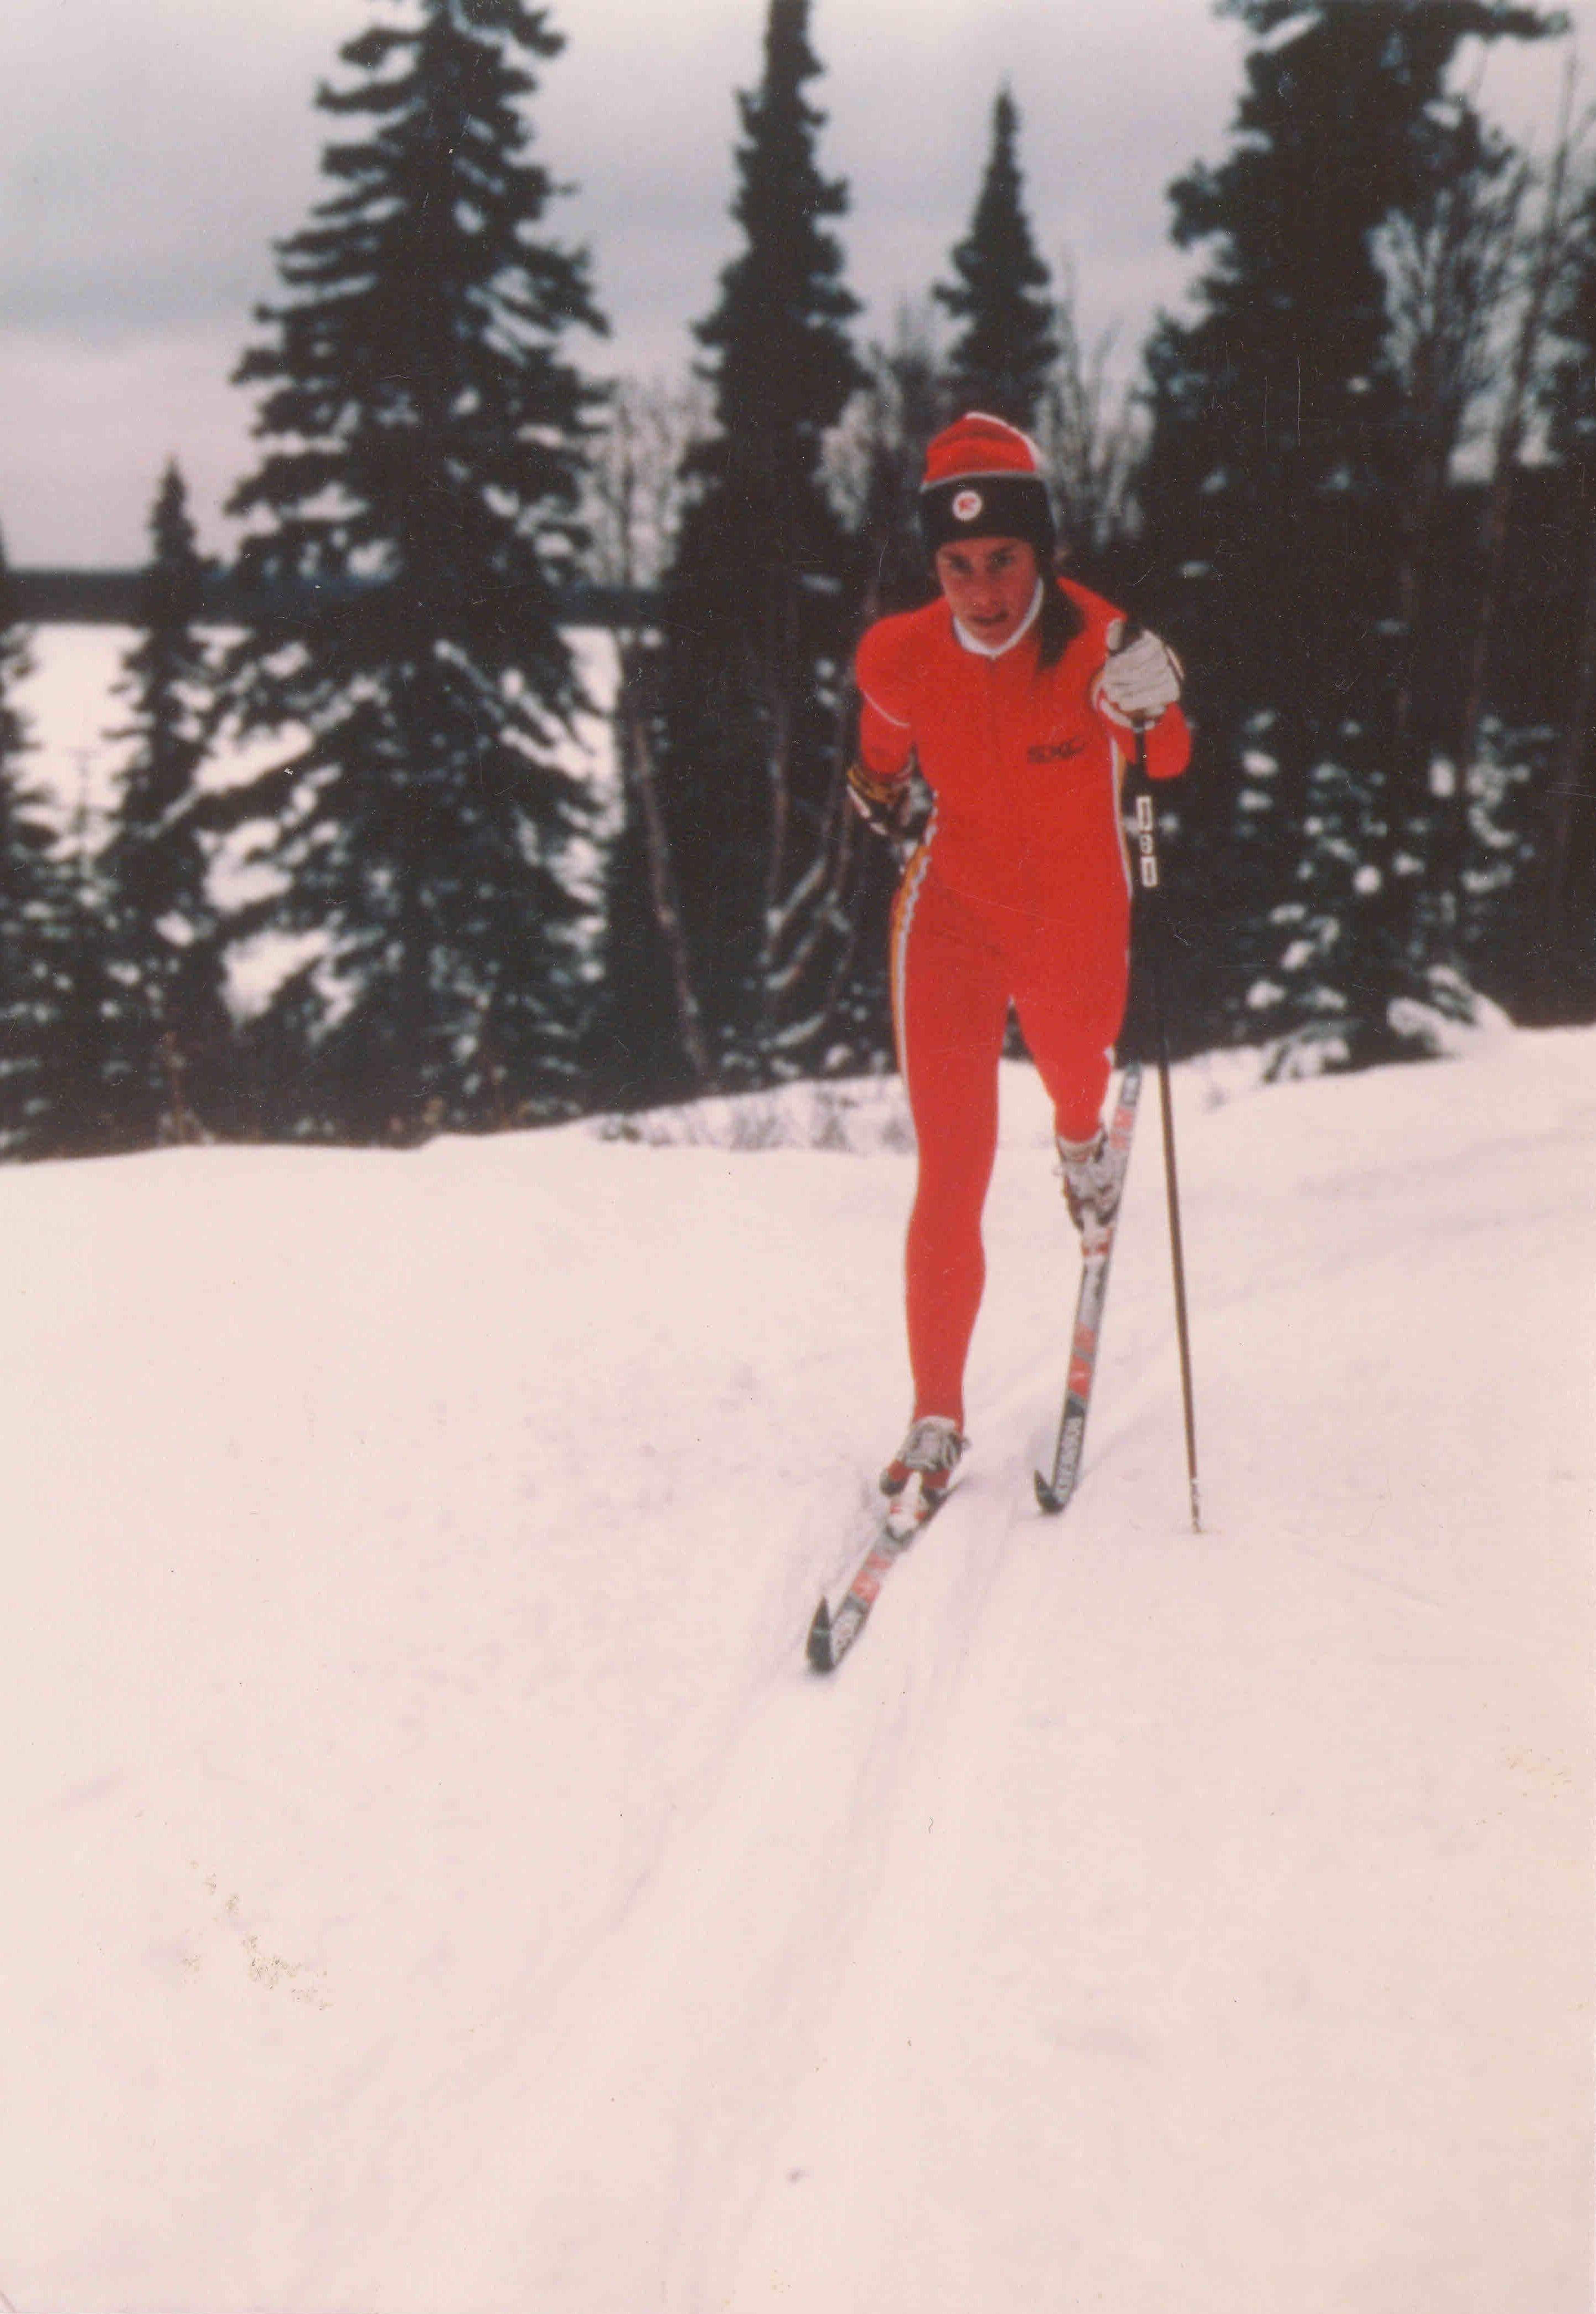 https://fasterskier.com/wp-content/blogs.dir/1/files/2014/01/Pam-Weiss-skiing.jpg